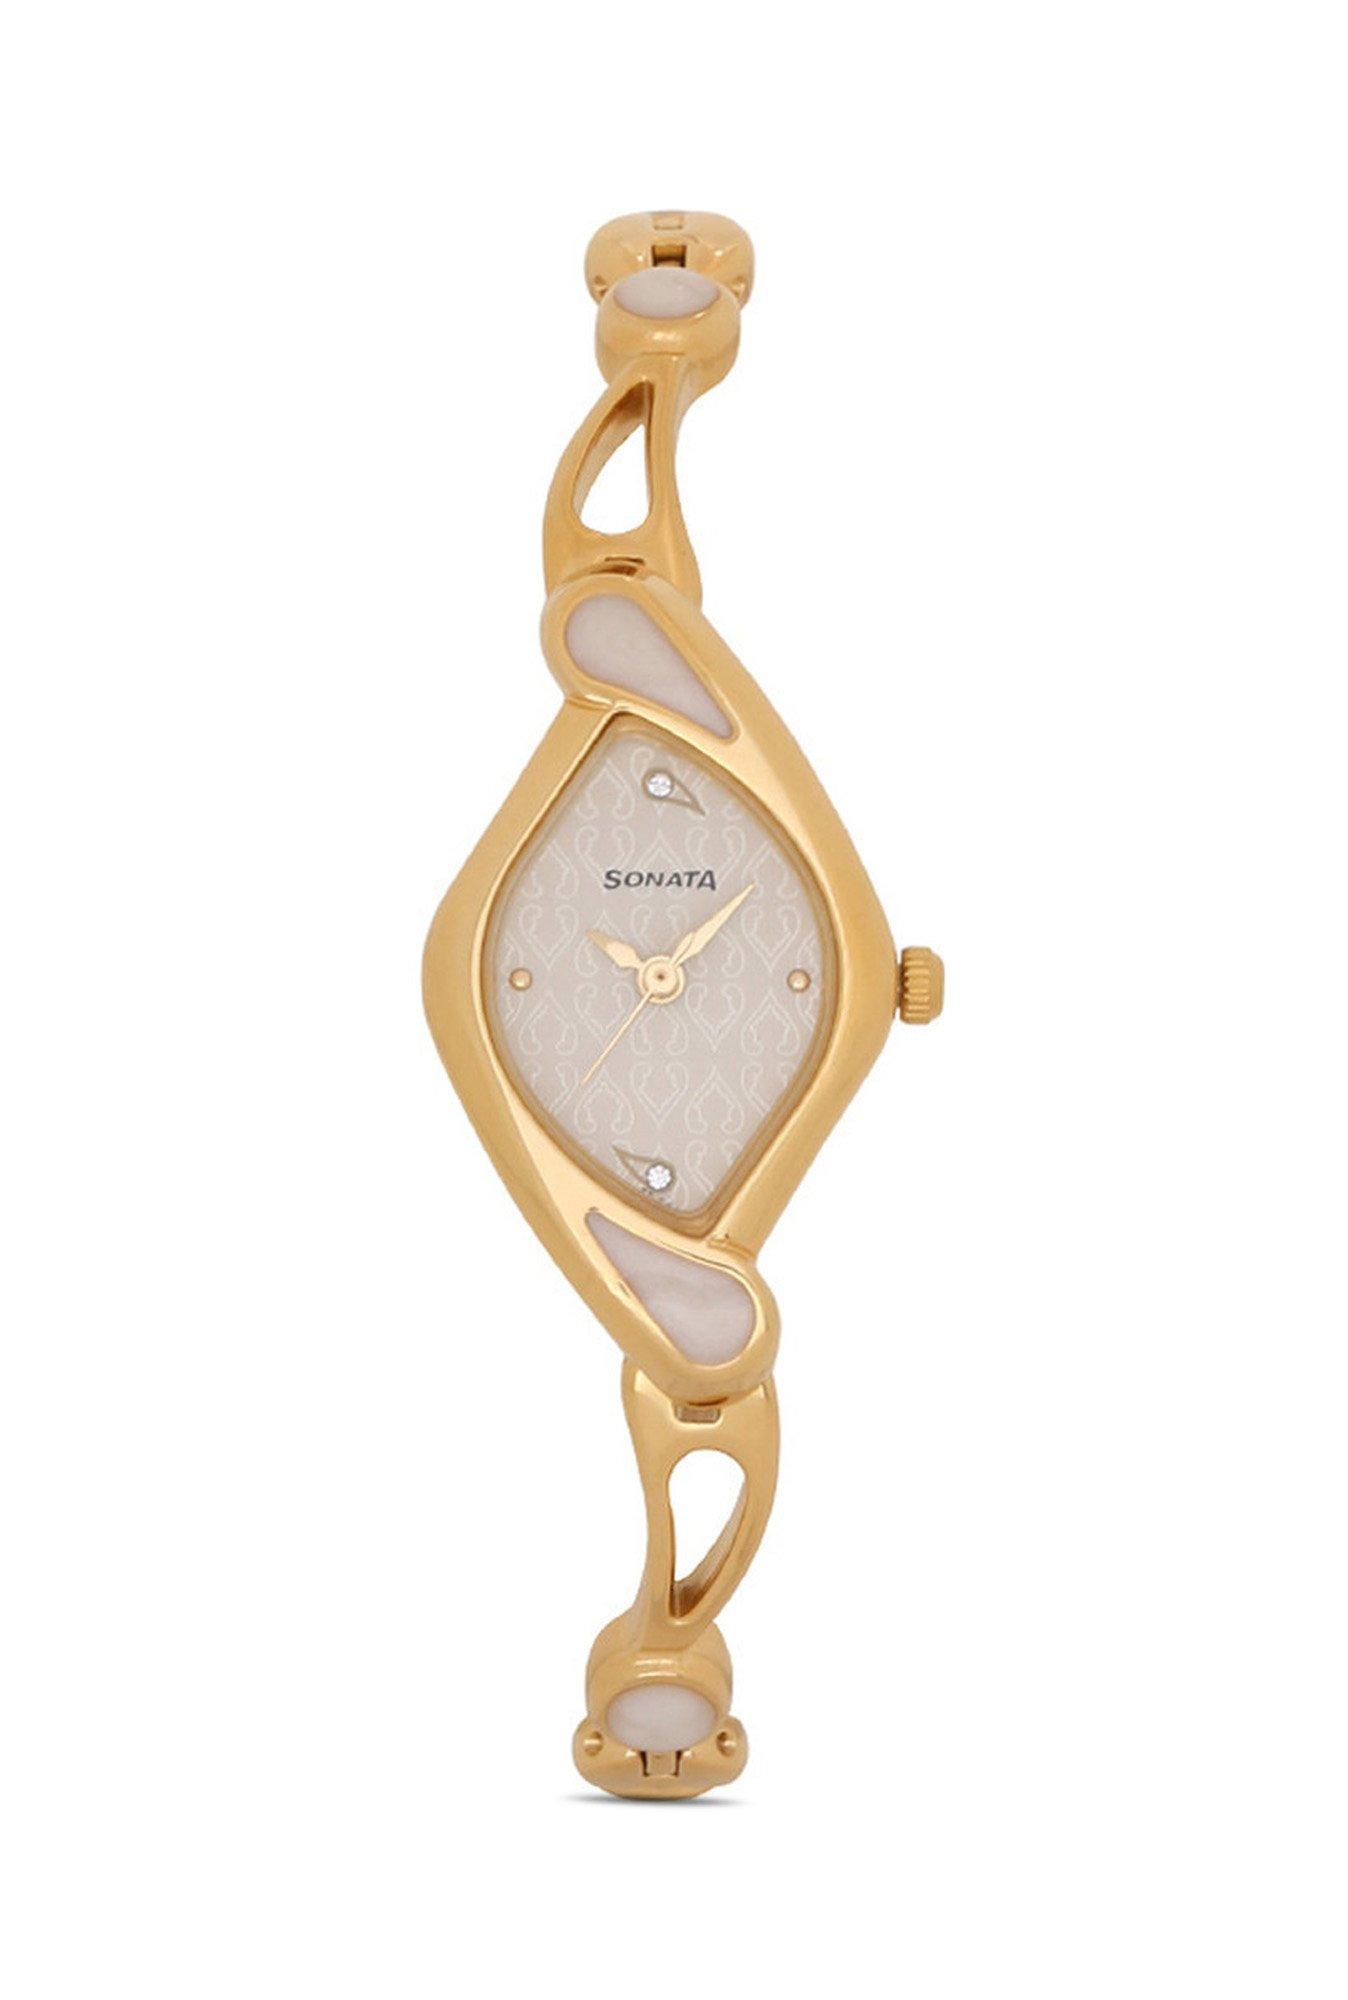 Sonata NG8073YM01C Sona Sitara Analog White Dial Women's Watch (NG8073YM01C)